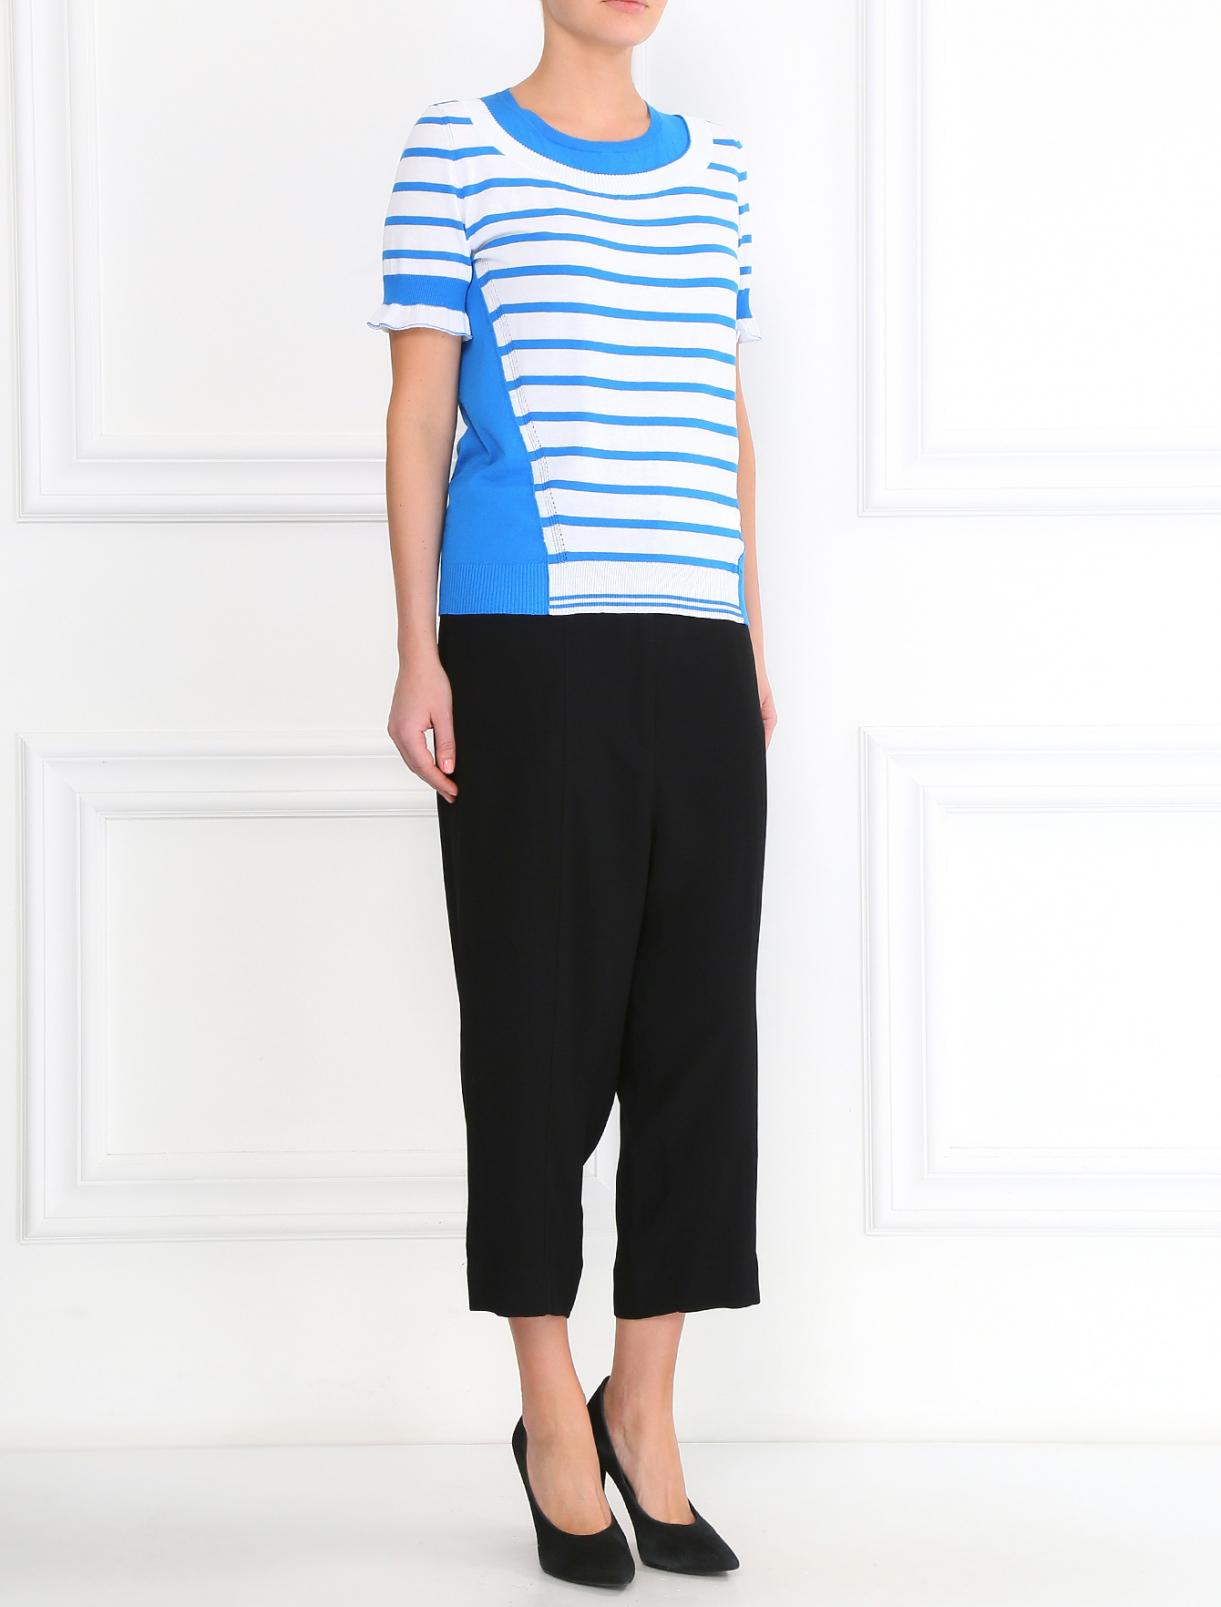 Укороченные свободные брюки с поясом Isola Marras  –  Модель Общий вид  – Цвет:  Черный